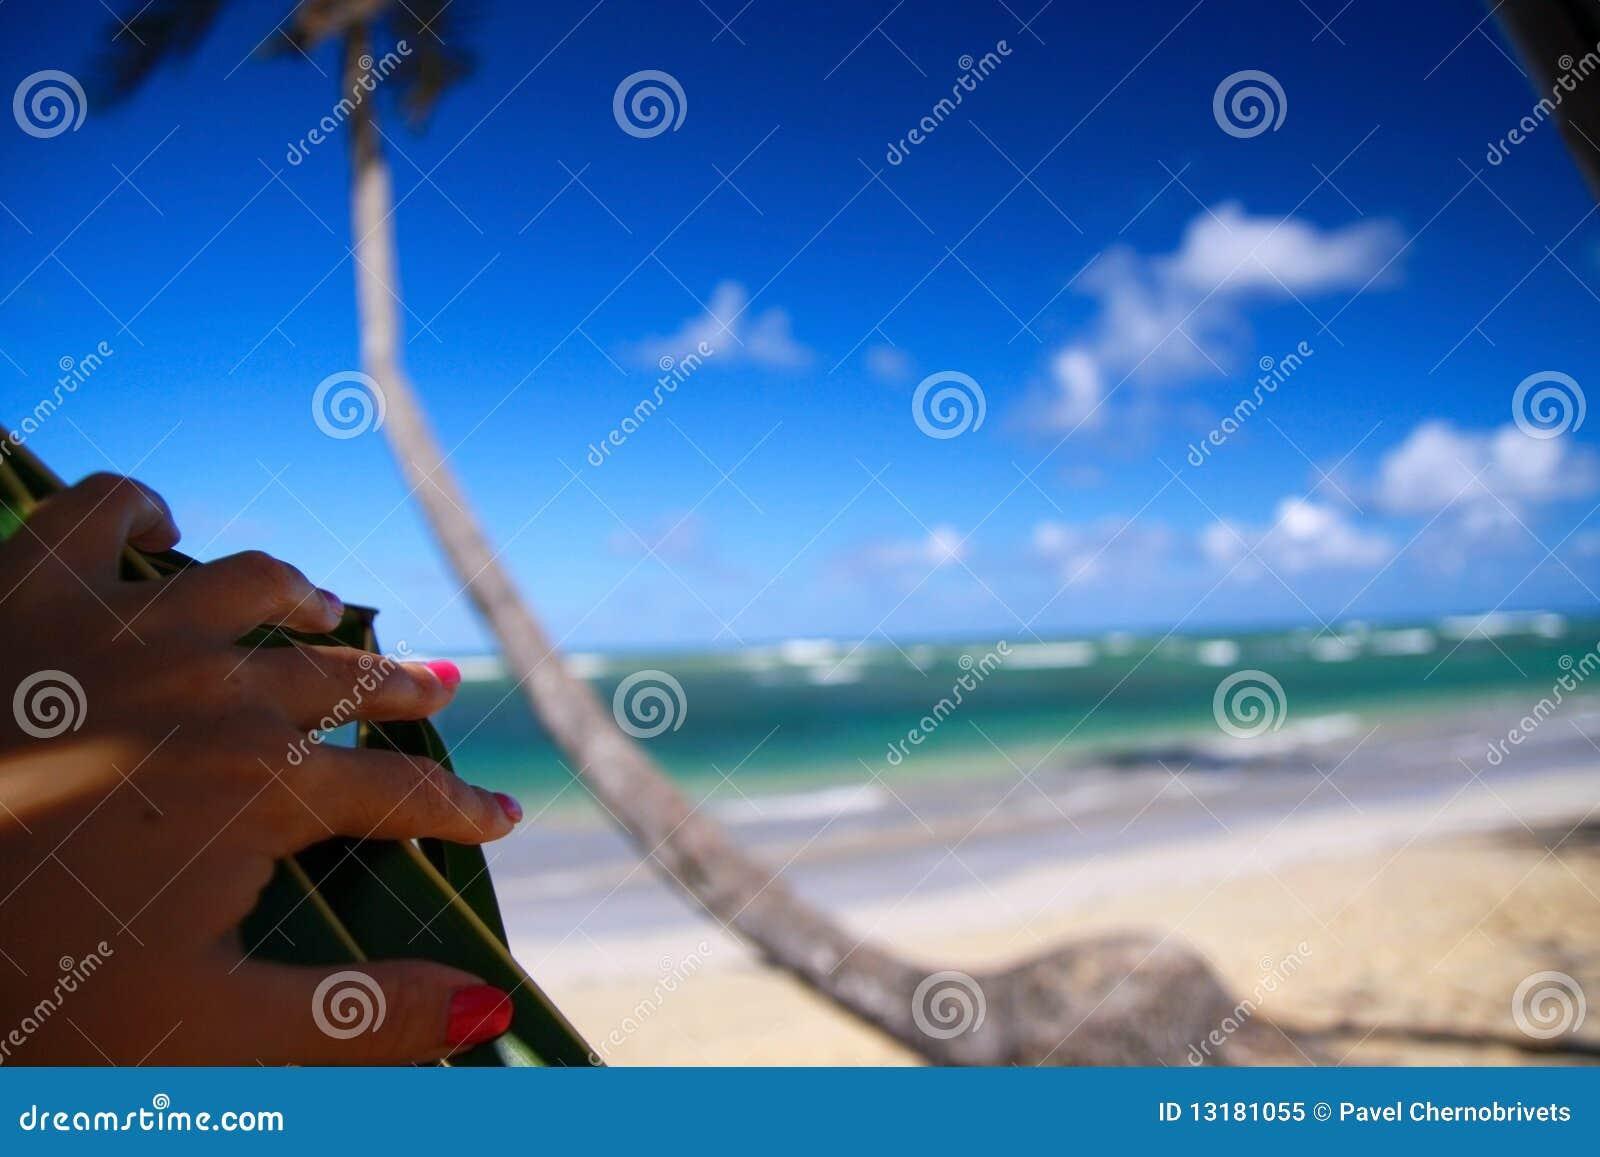 καραϊβική όψη ματιών παραλιών